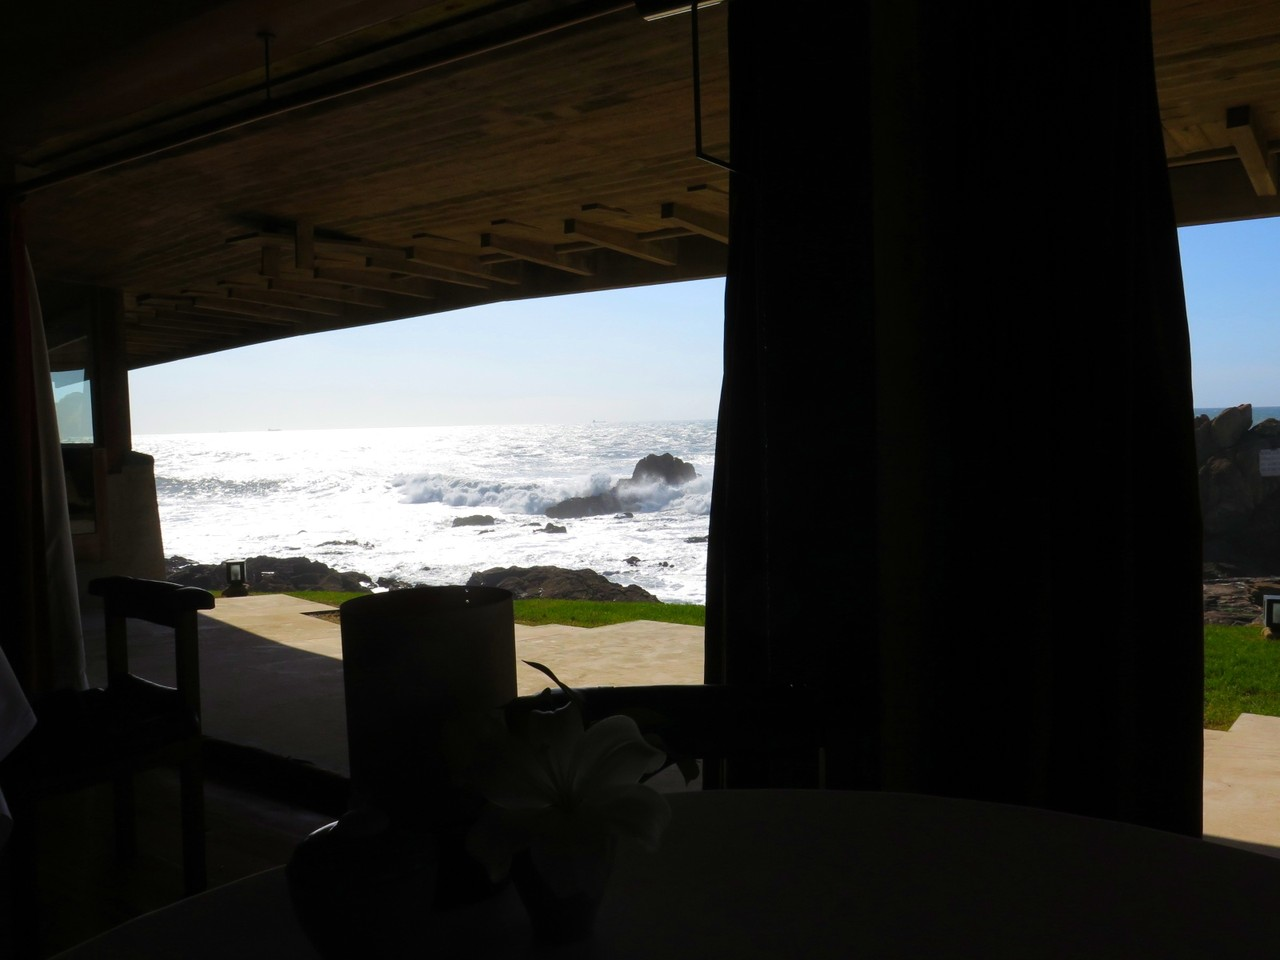 Durante alguns momentos, a sala do restaurante fica sem janelas e transforma-se numa esplanada